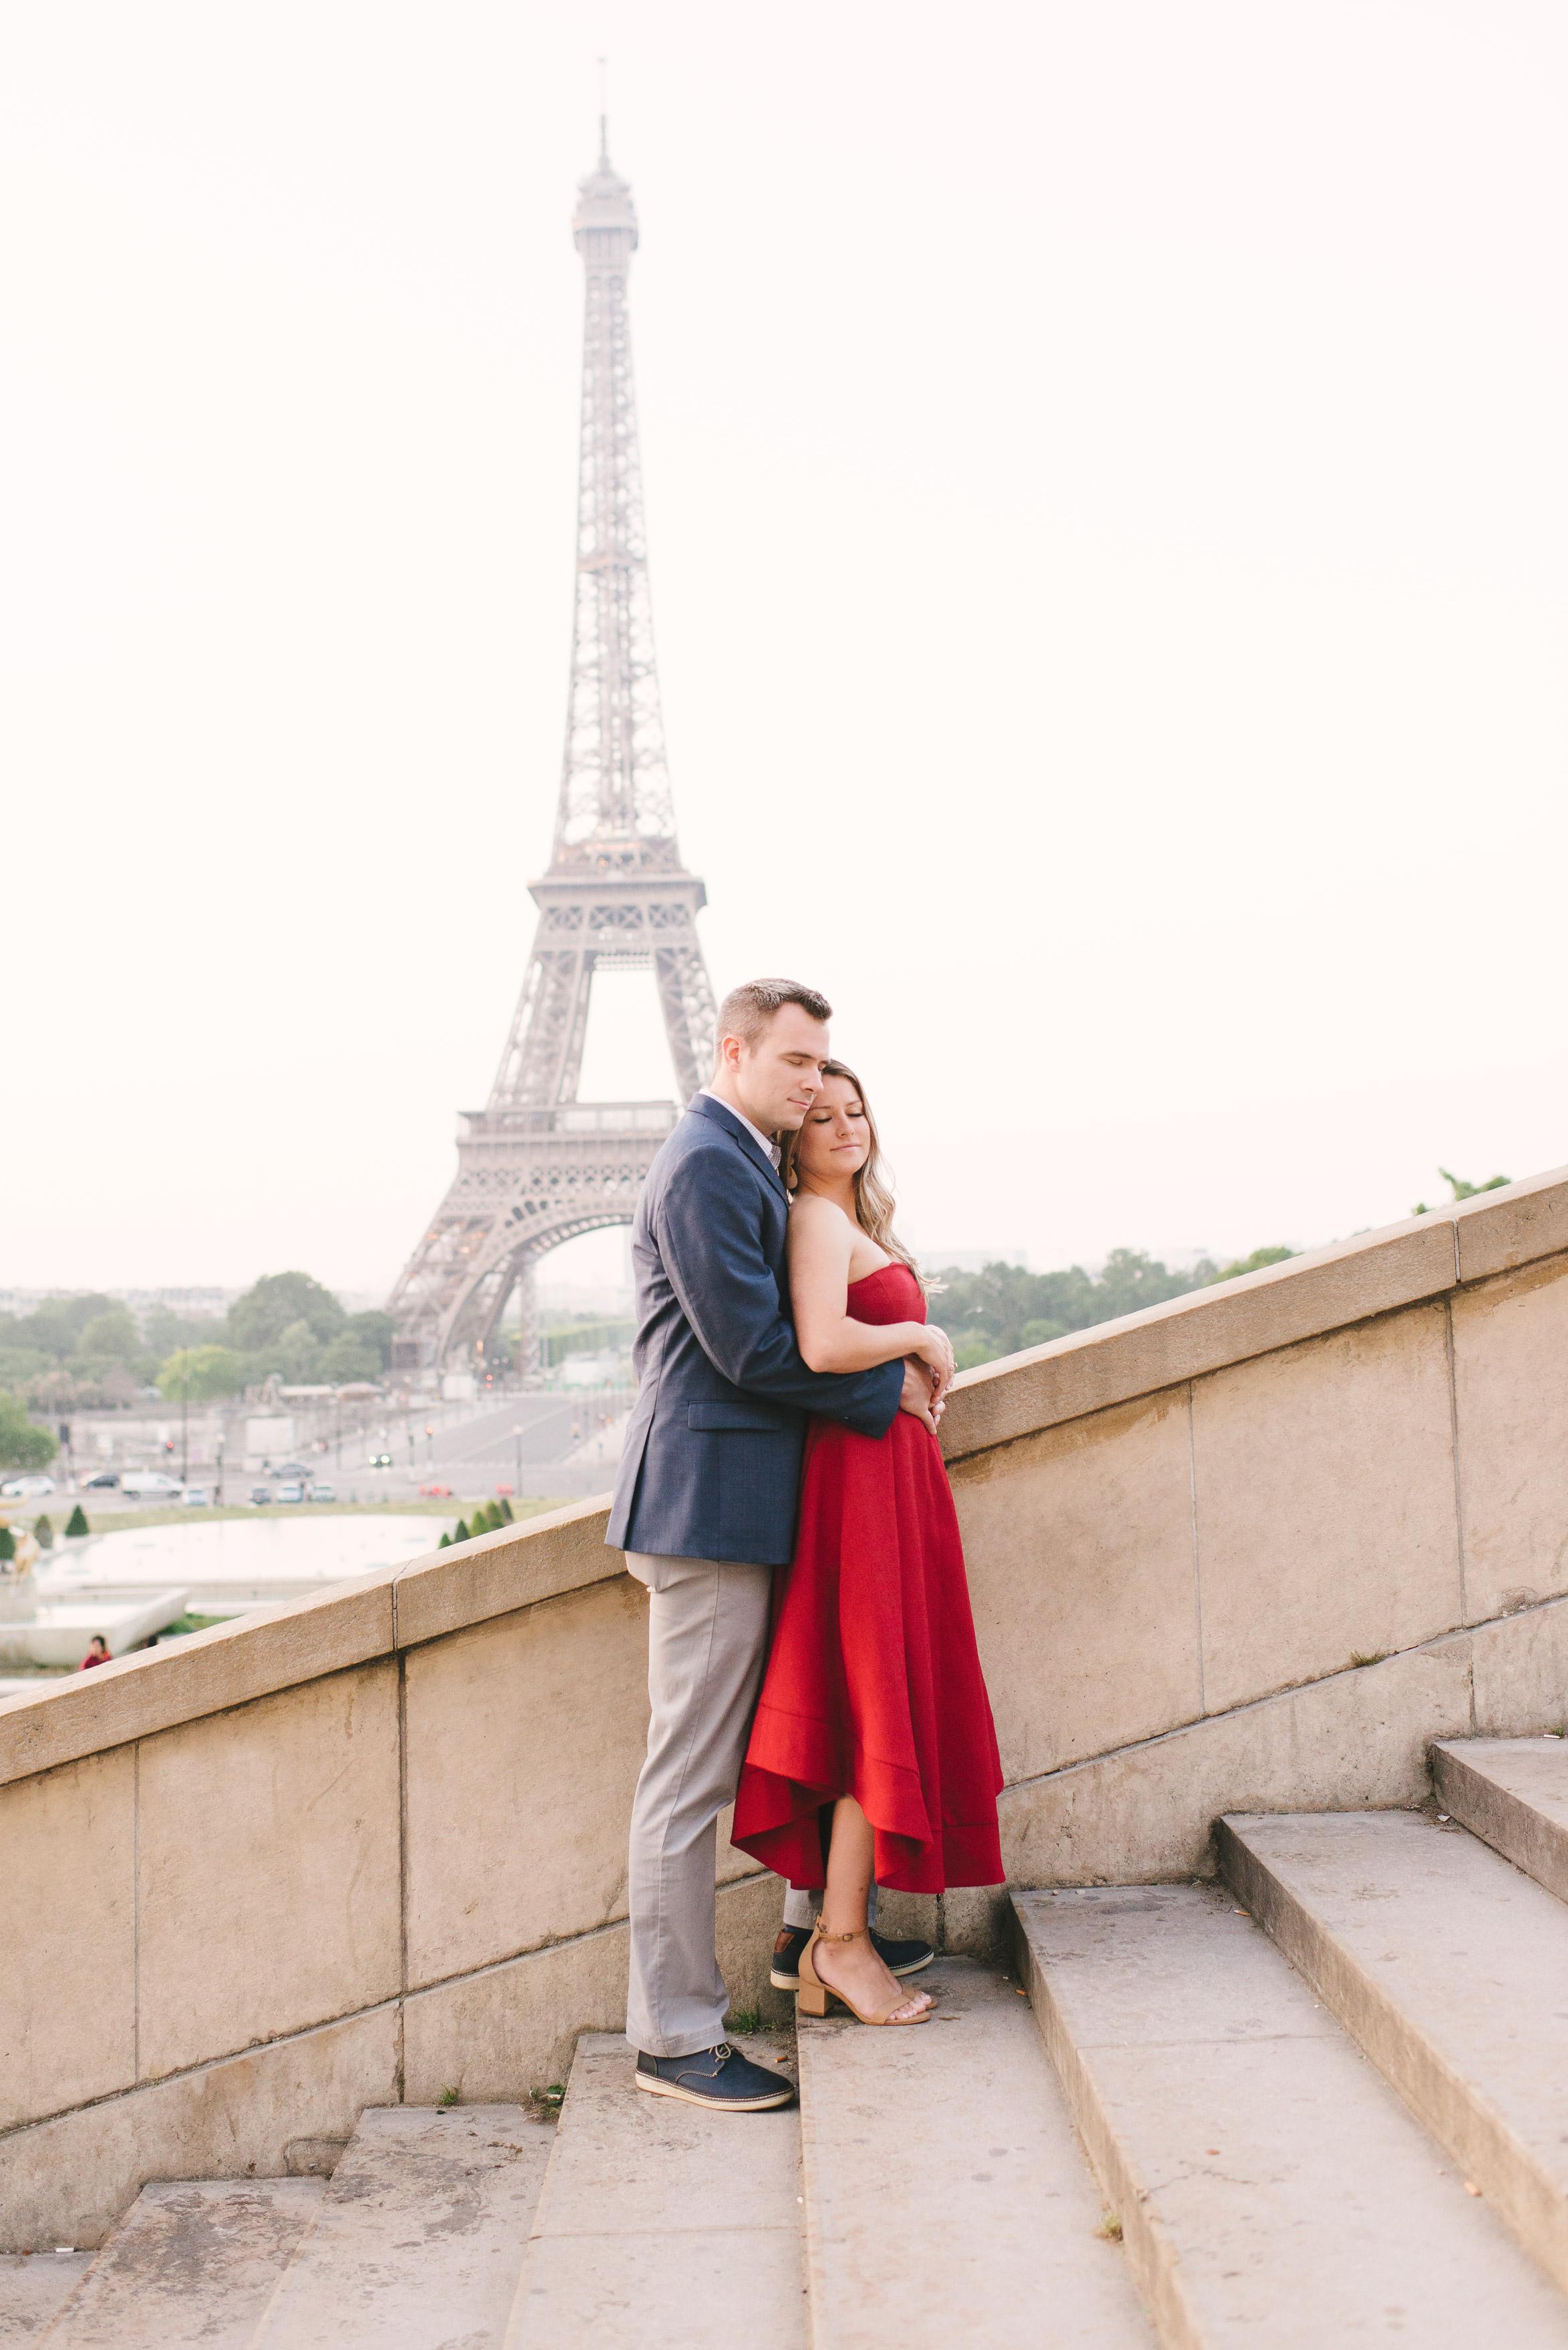 Couple-portrait-session-Paris-EiffelTower-Seine-Cafe007.jpg